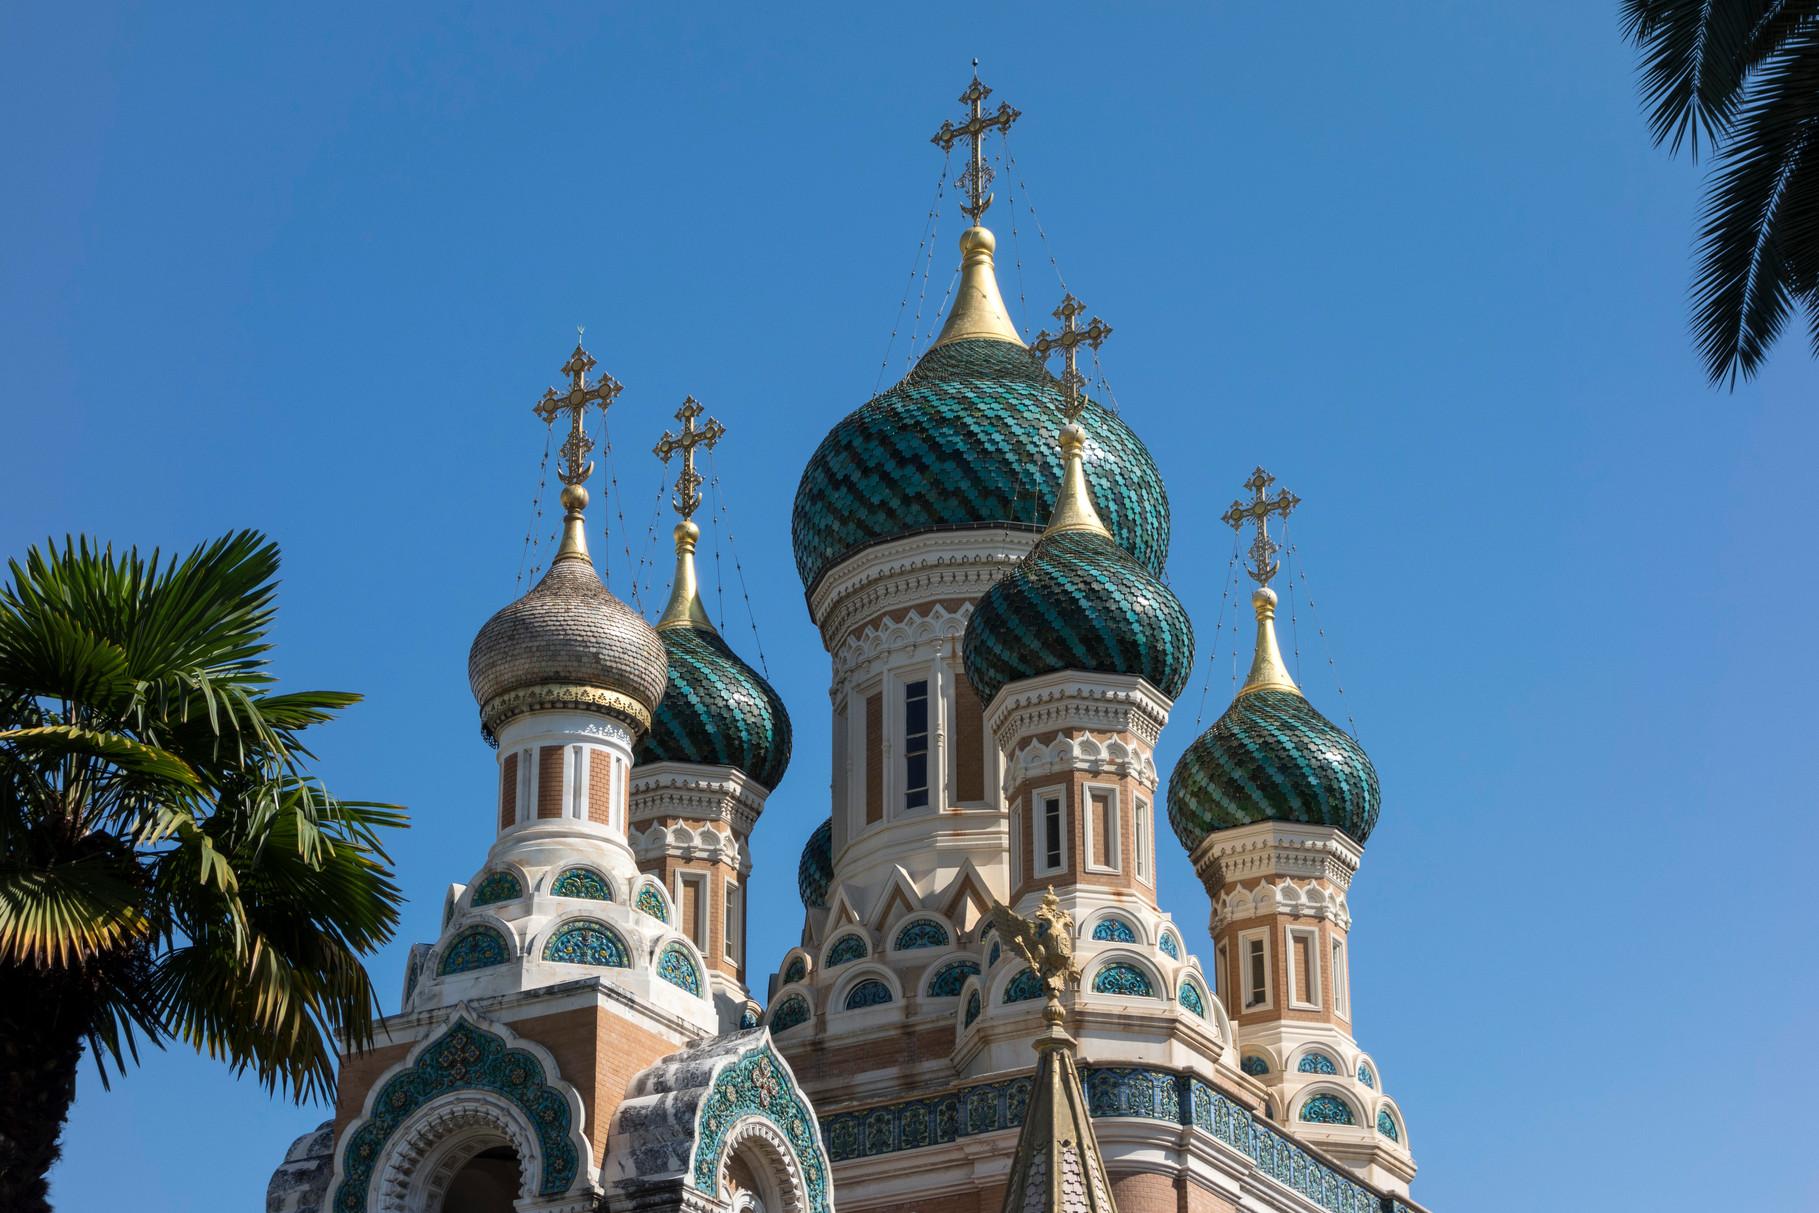 Cathédrale Saint-Nicolas, größte russische Kirche außerhalb Russlands